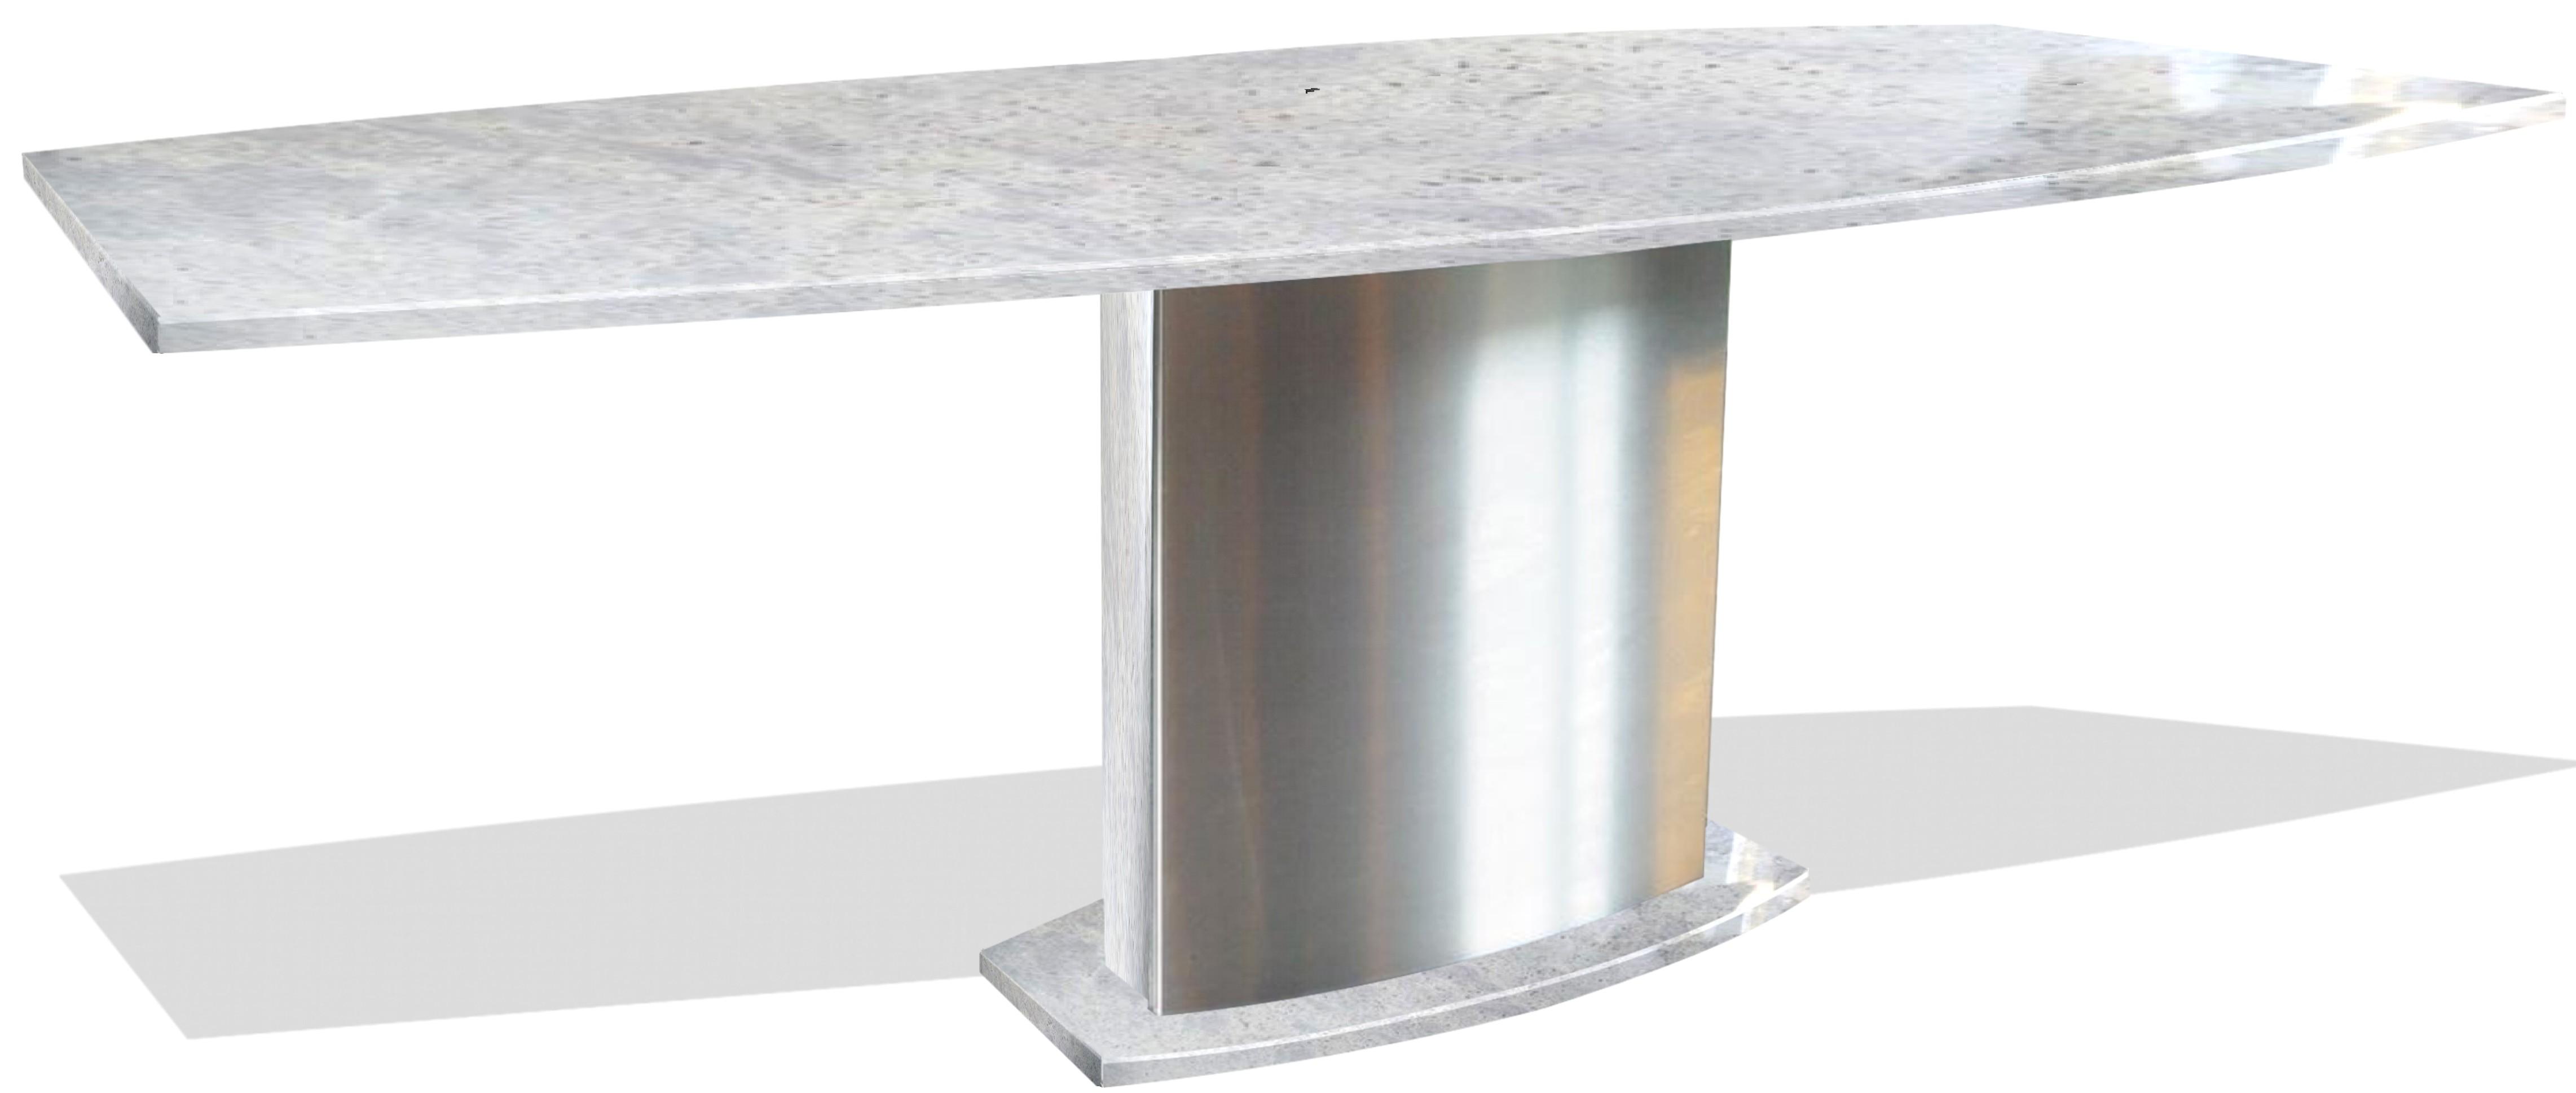 Granit Esstisch - Modell TERRA